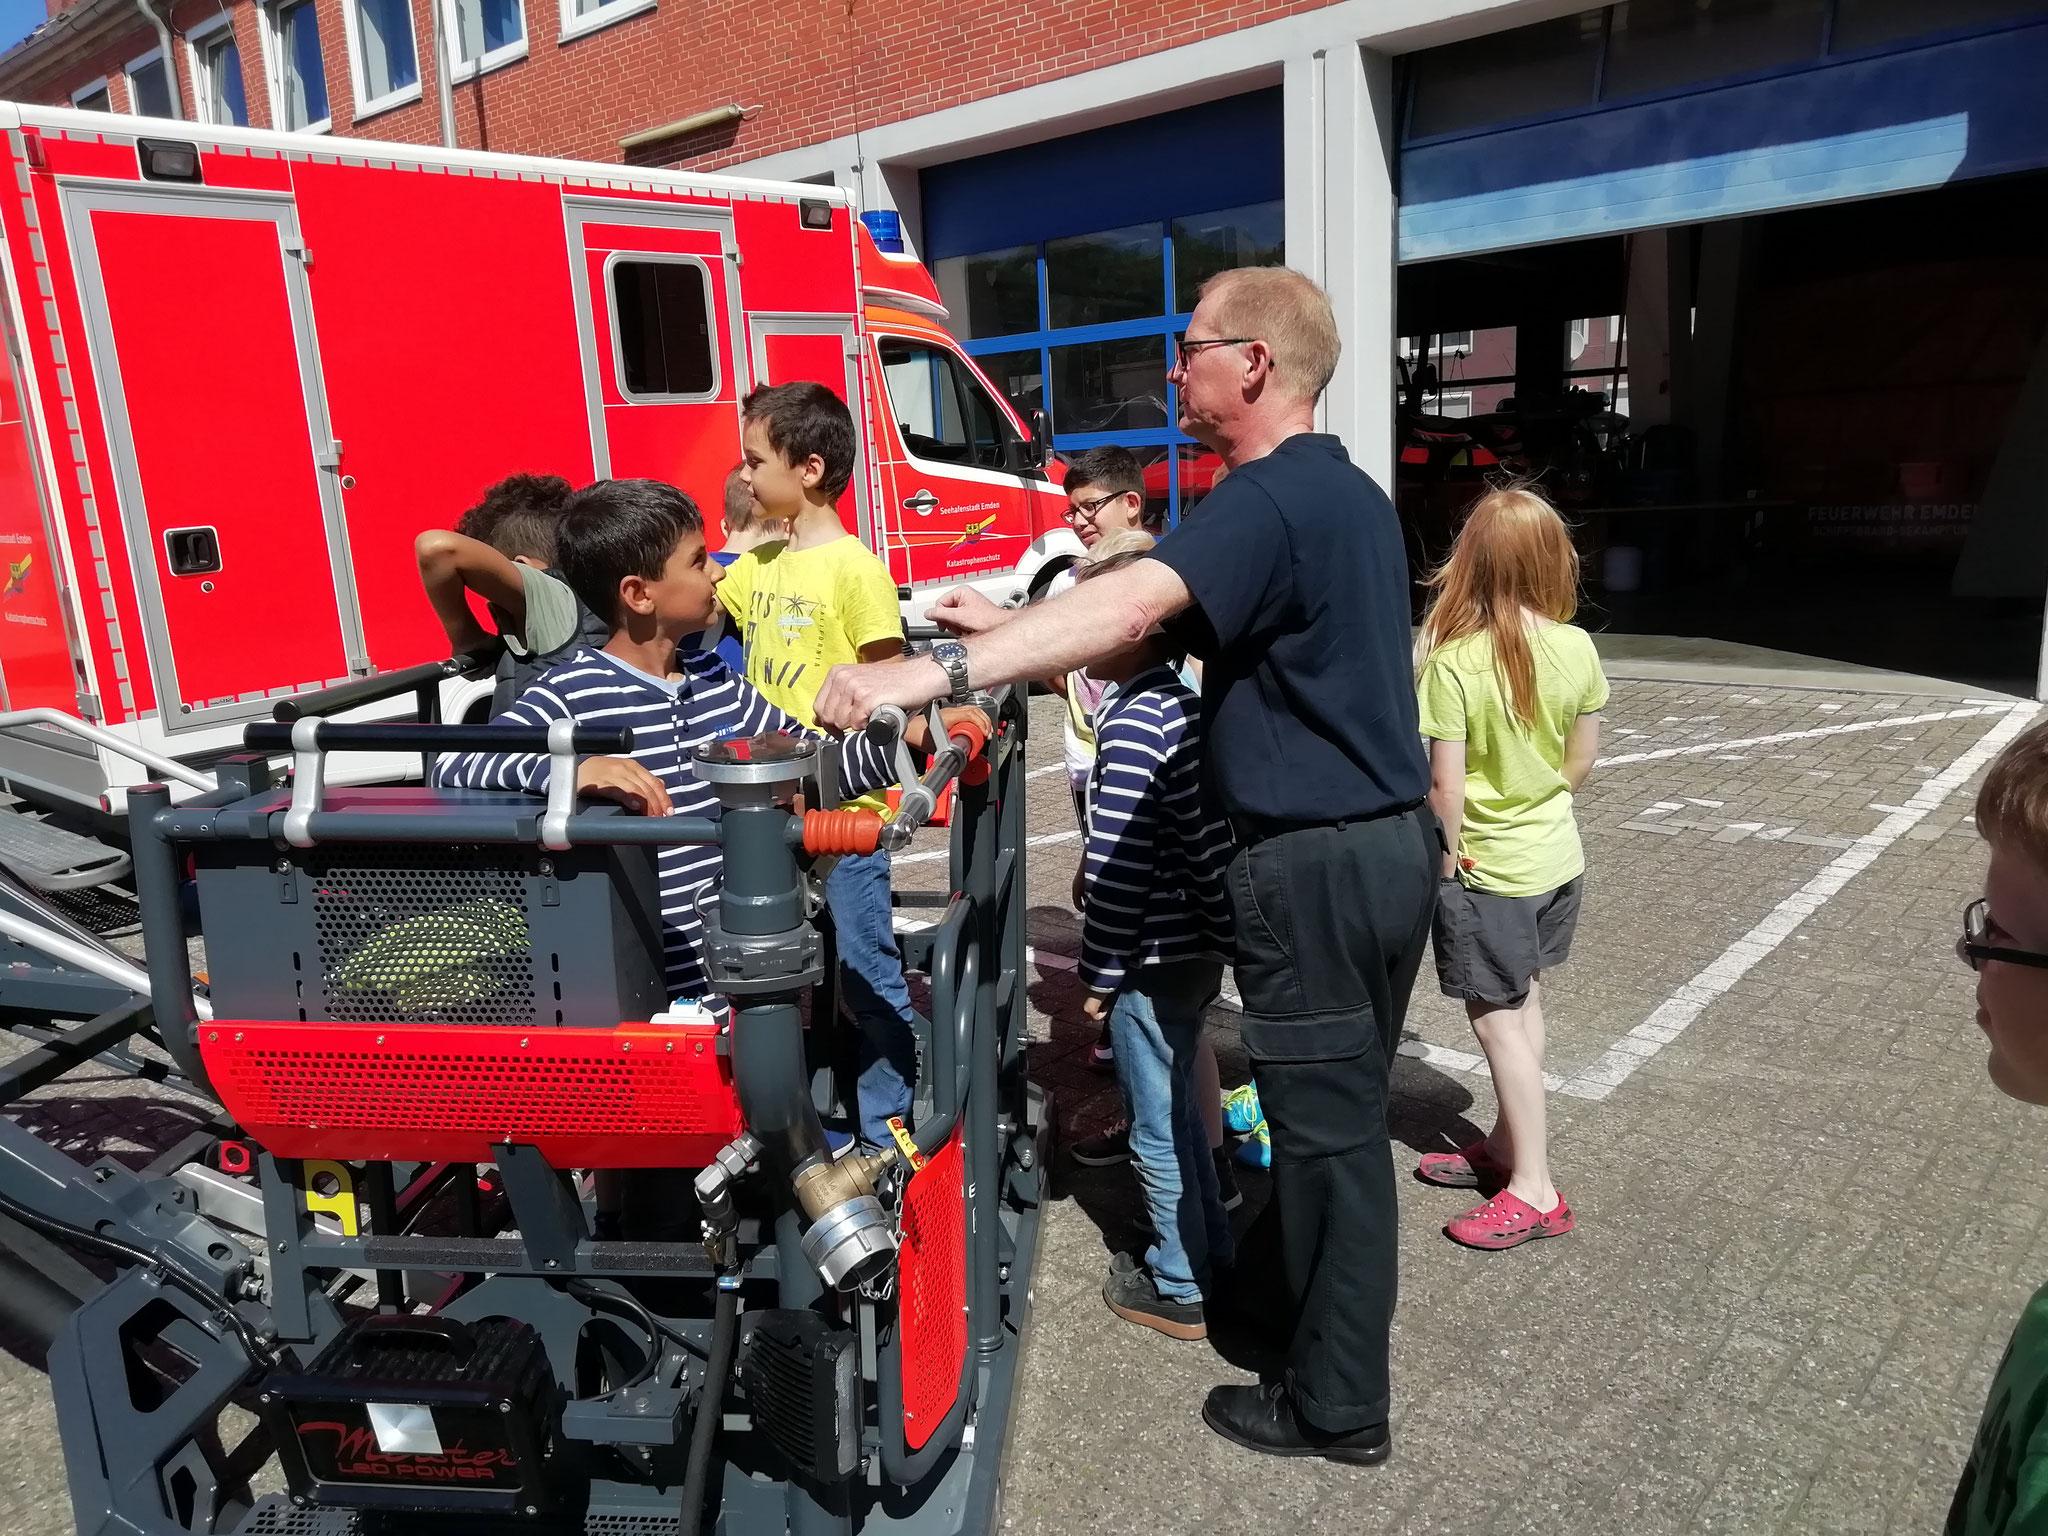 Herr Akkermann erklärt, dass zur Aufnahme in der Feuerwehr jeder Bewerber oder jede Bewerberin den ausgefahrenen Leiterwagen hochklettern muss.